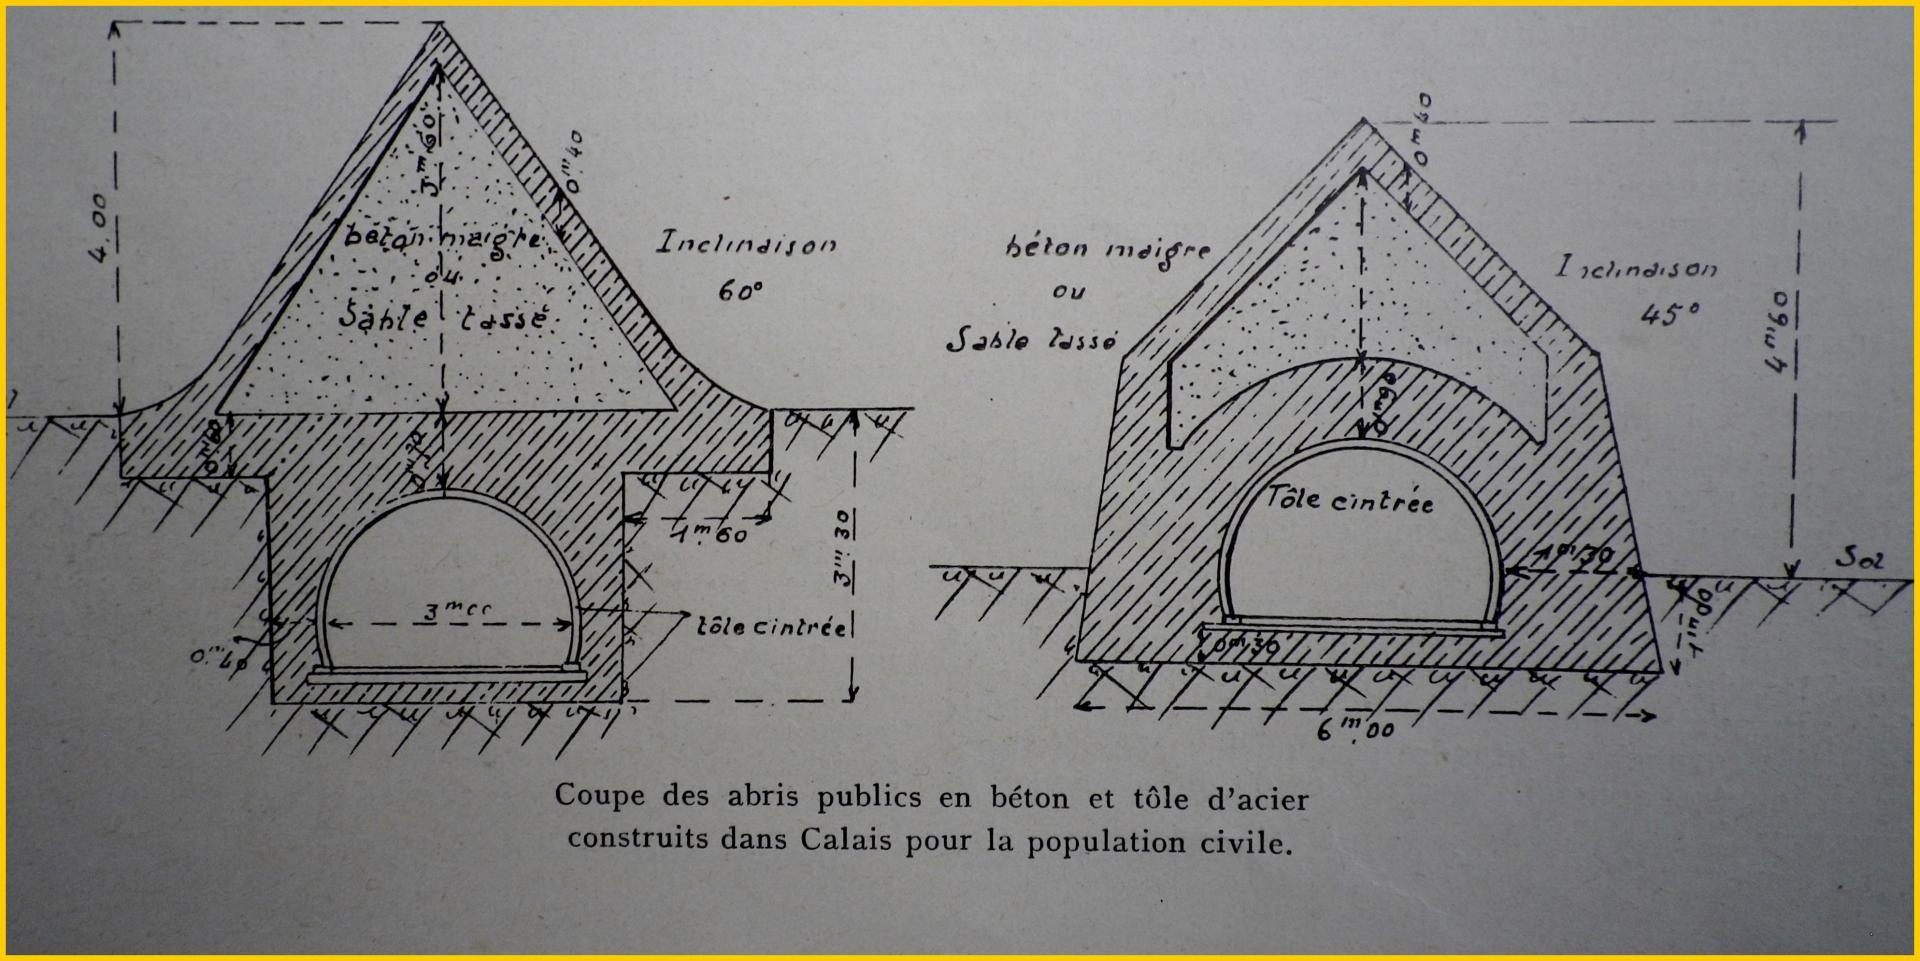 Calais 14 18 les abris publics encadre